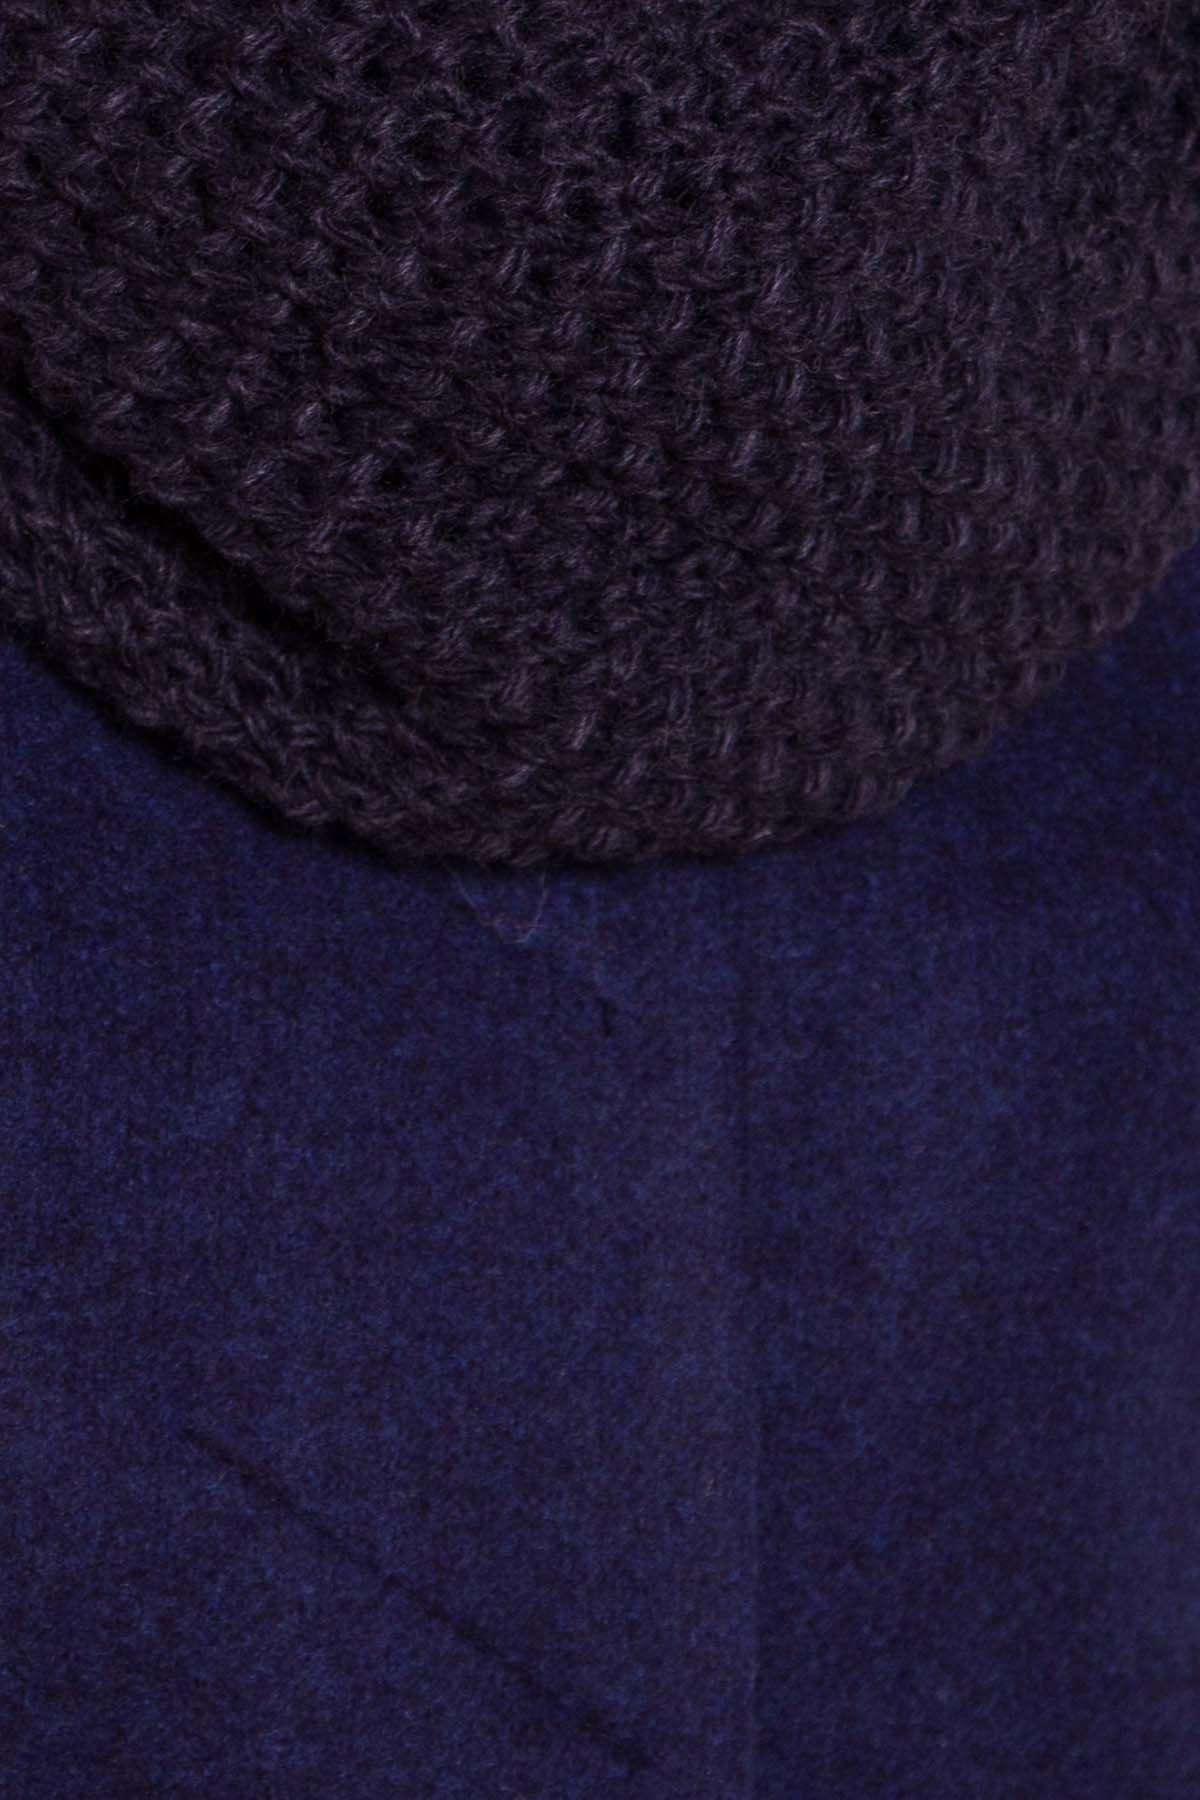 Зимнее пальто с хомутом Фортуна лайт 5802 АРТ. 40536 Цвет: Т.синий 17 - фото 6, интернет магазин tm-modus.ru